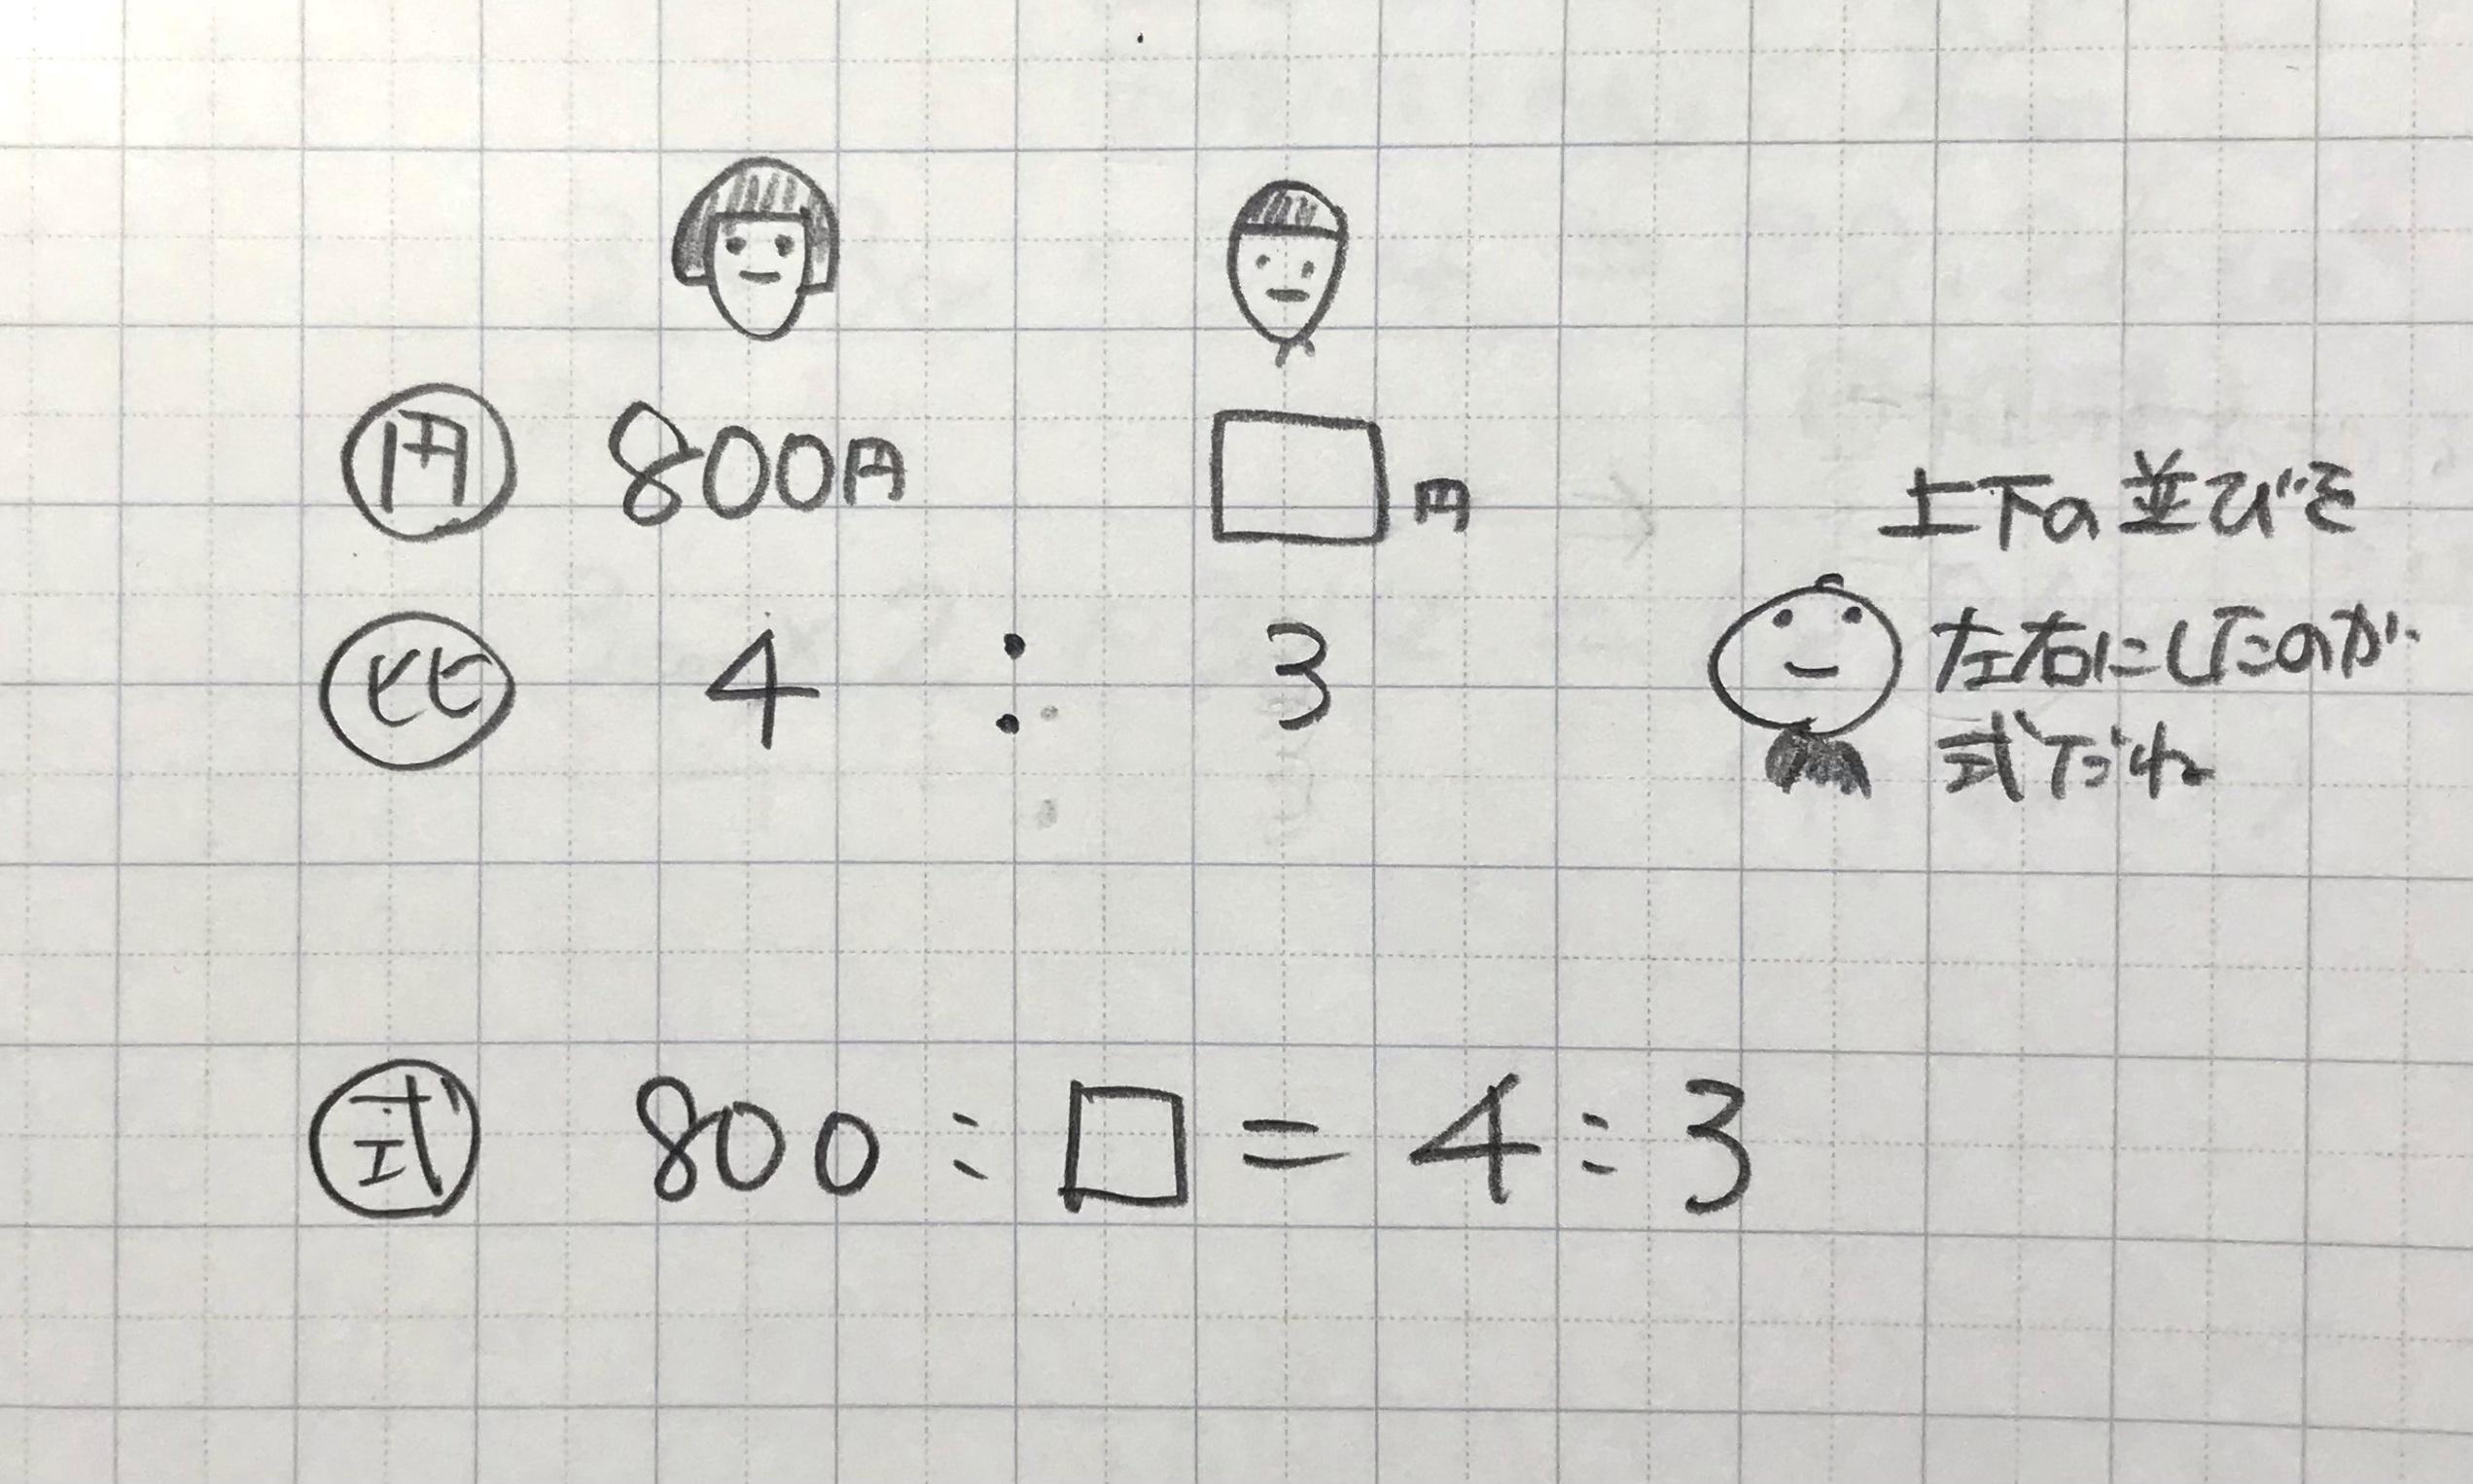 比と量の関係を絵でとらえる